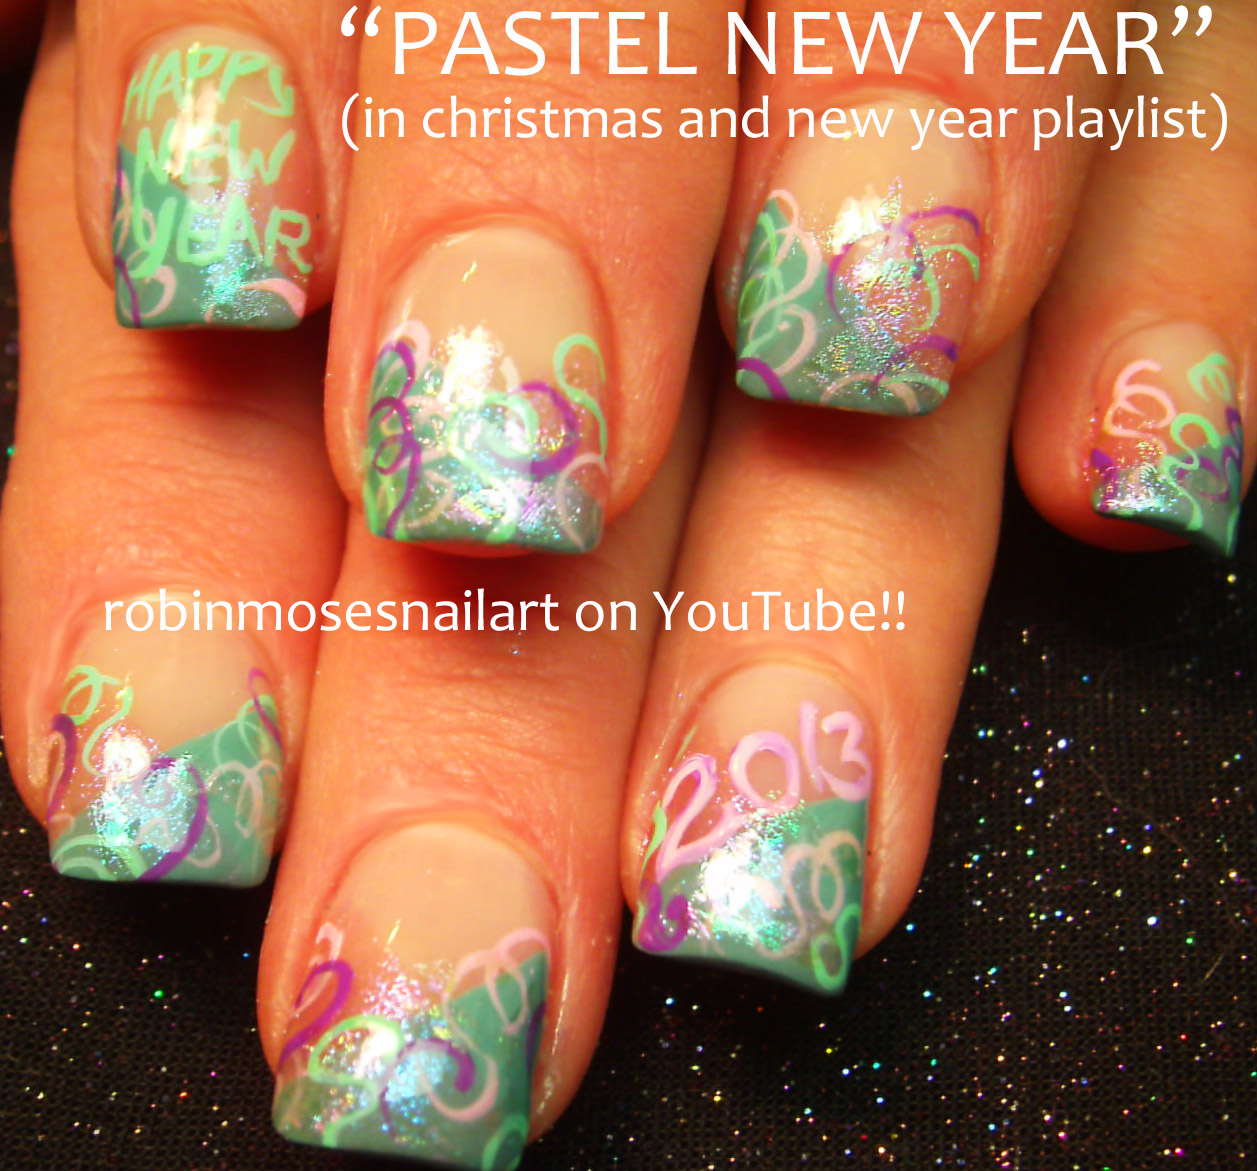 New Year Nail Art 2013 Nail Art Glitter Nail Art Glitzy Nail Art